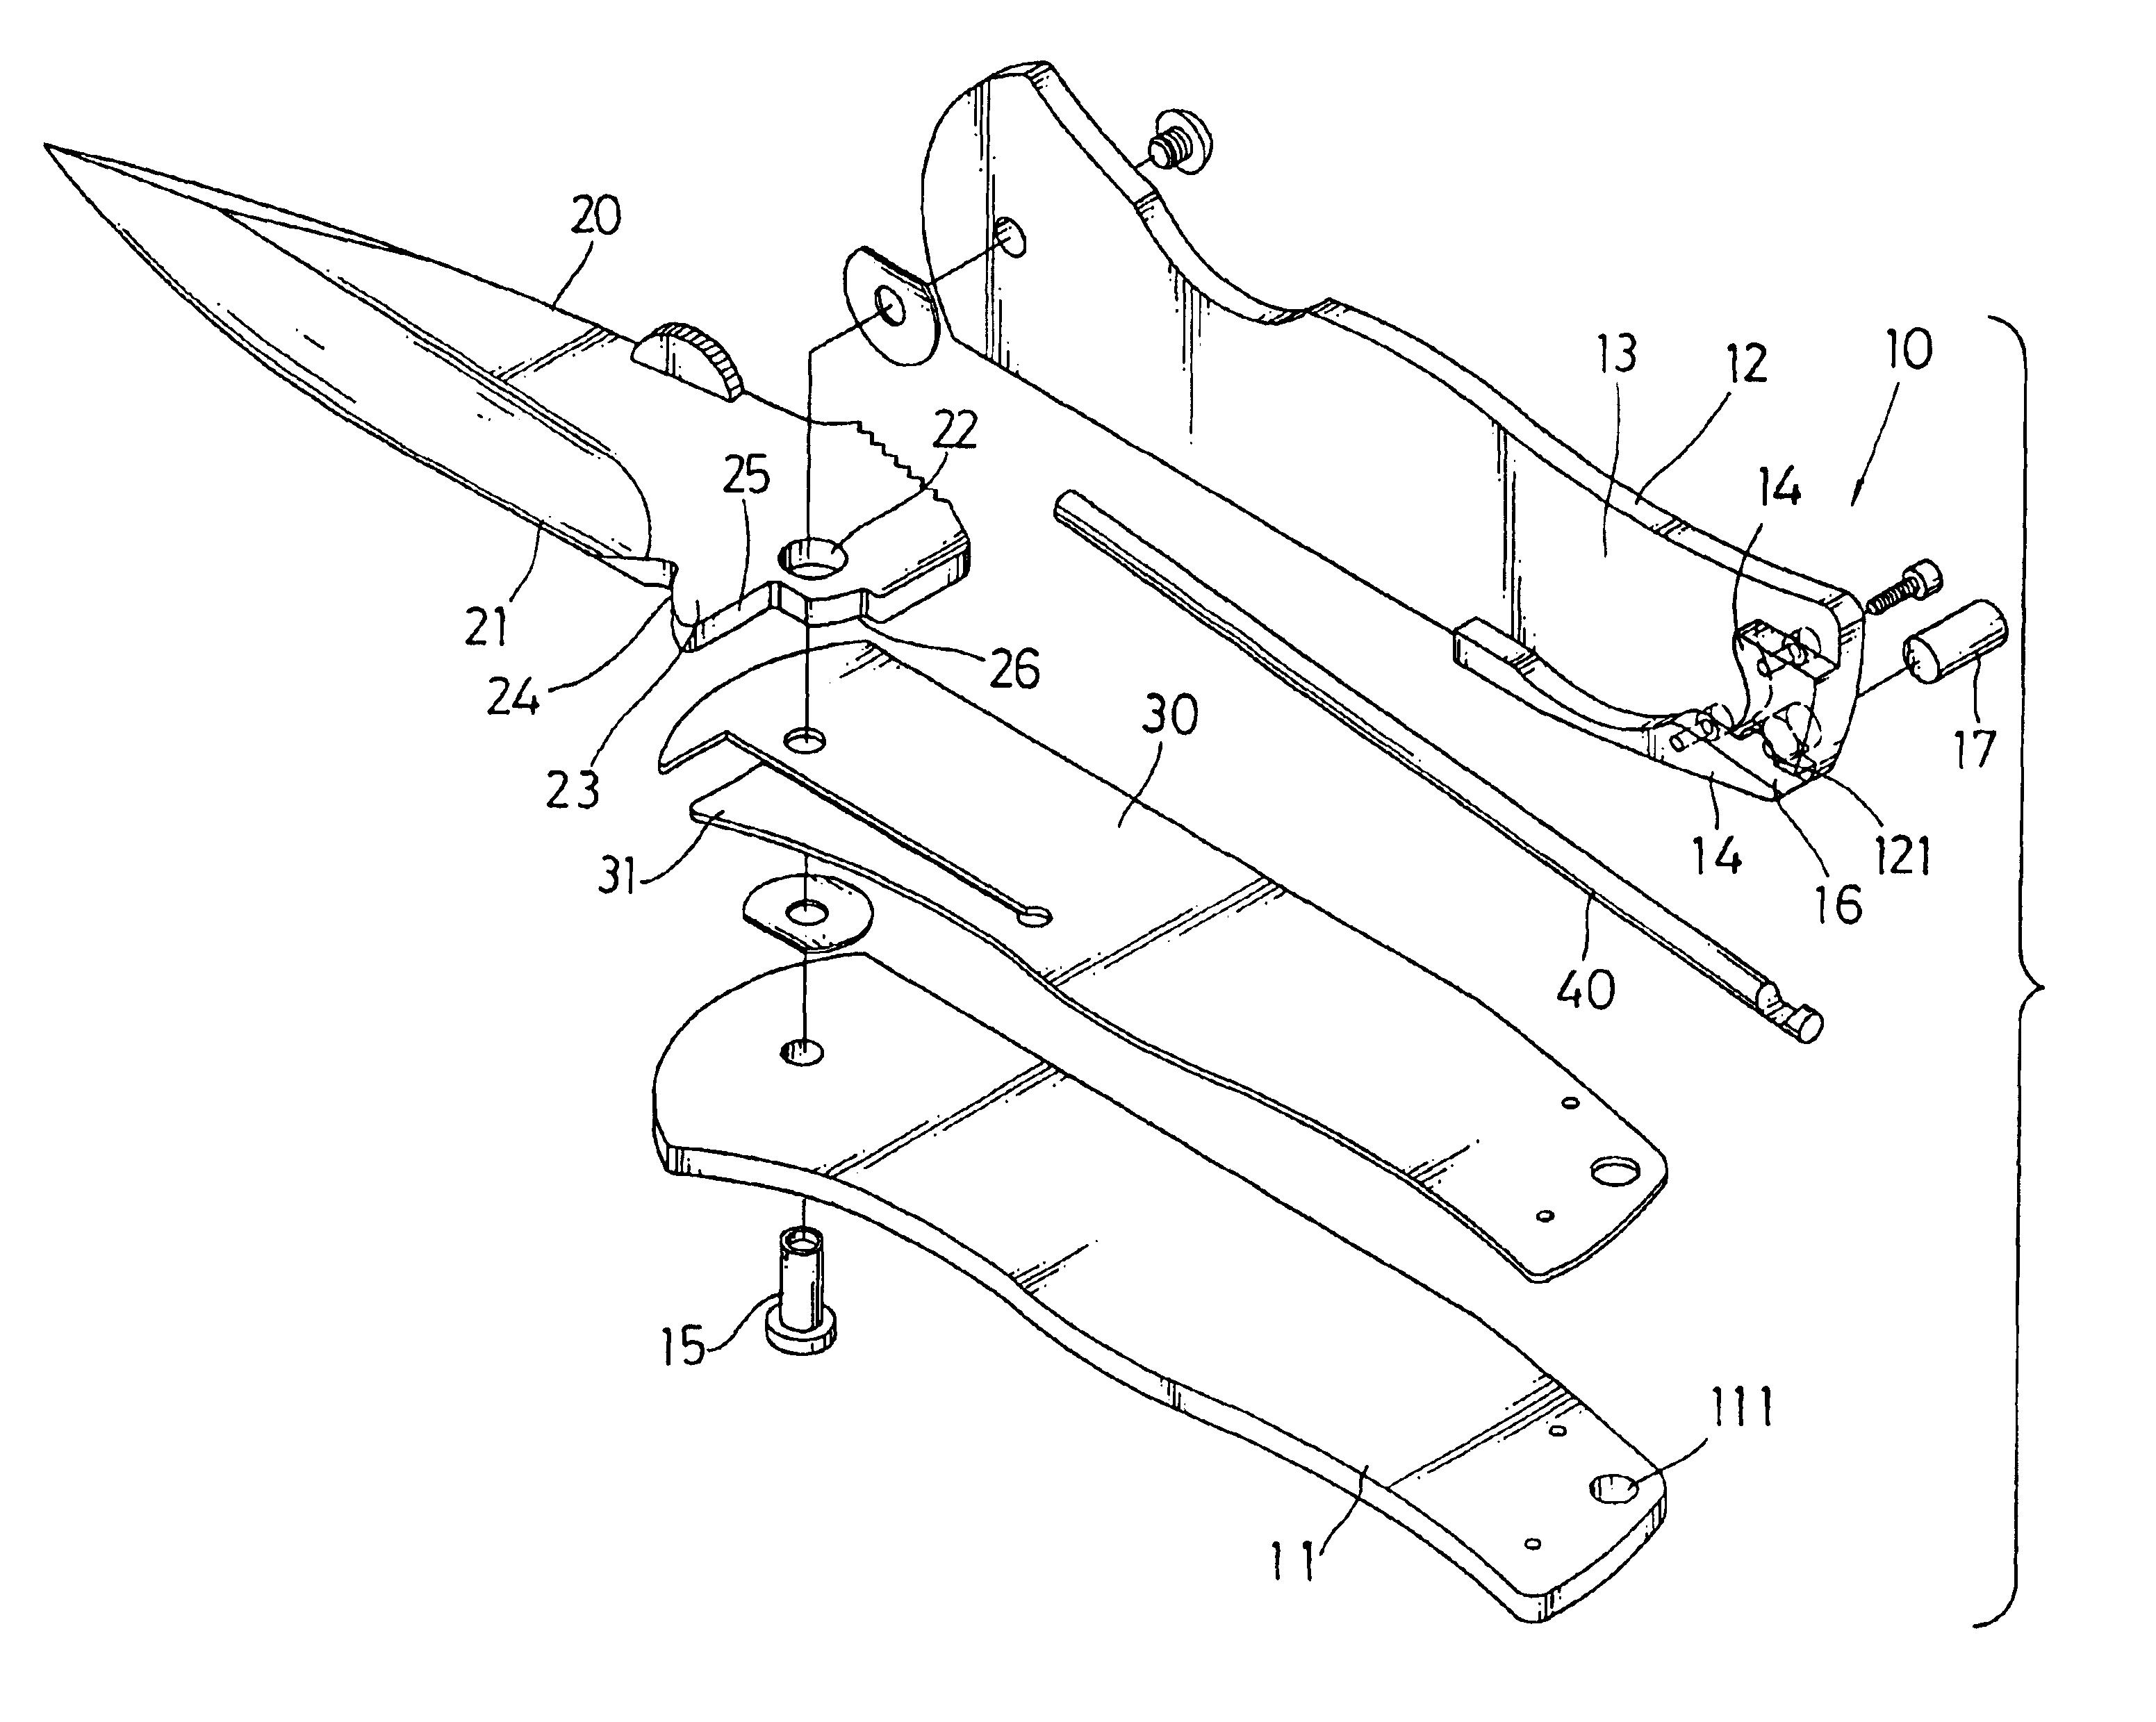 X8 Pocket Bike Wiring Diagram Get Free Image About X15 Cat Eye